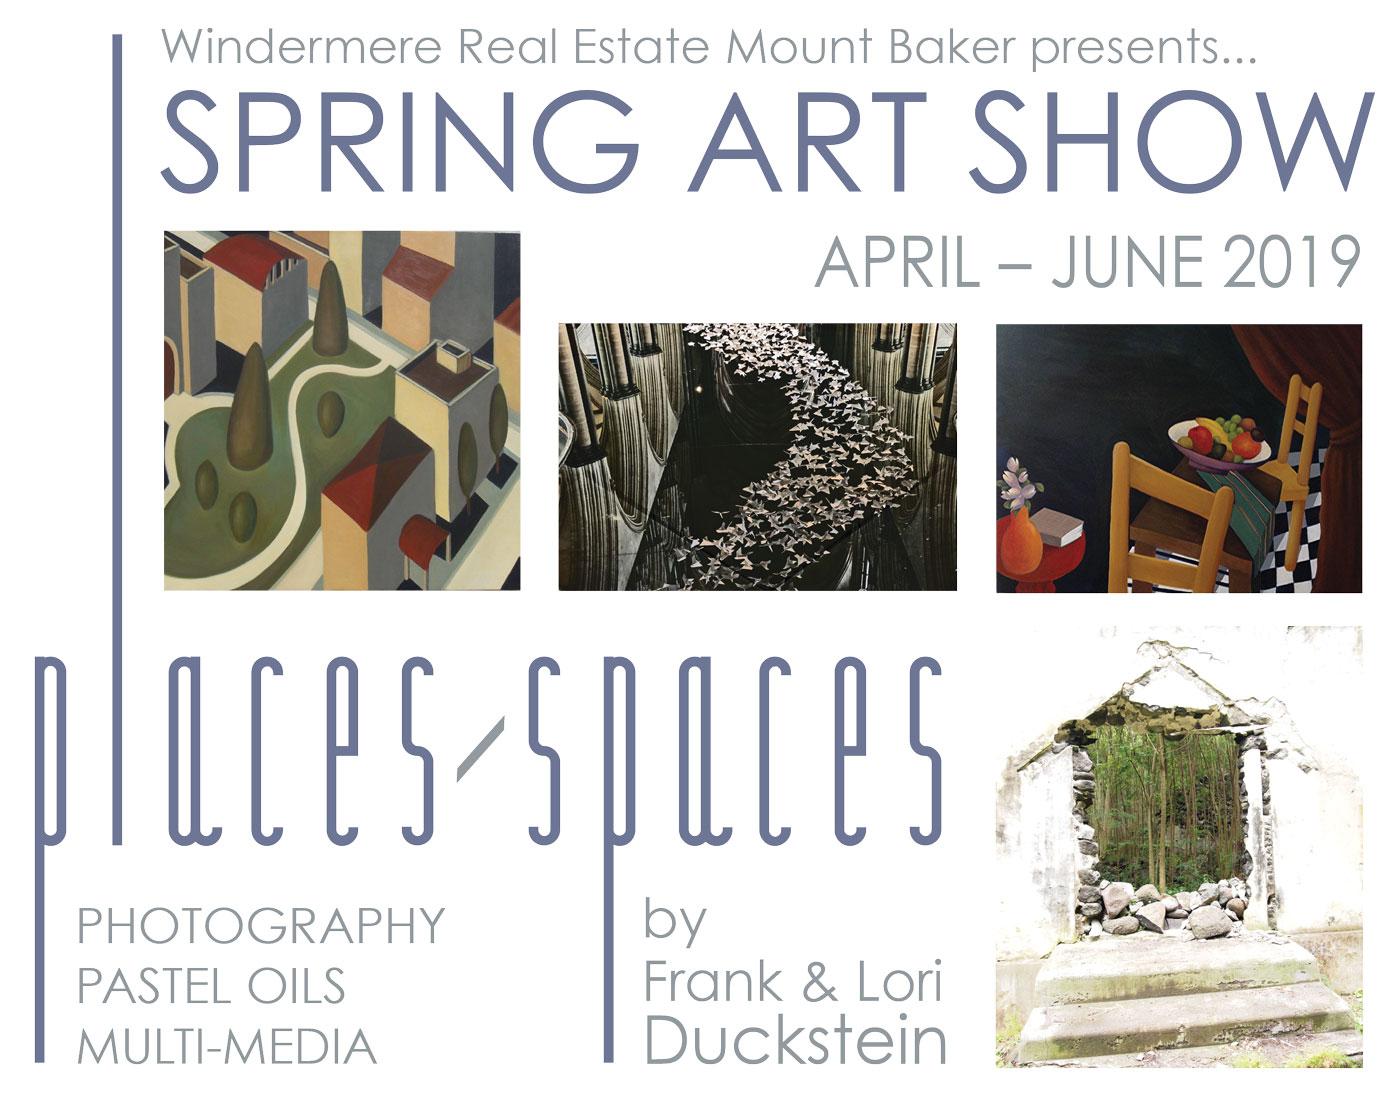 Spring2019_ArtShow-Duckstein